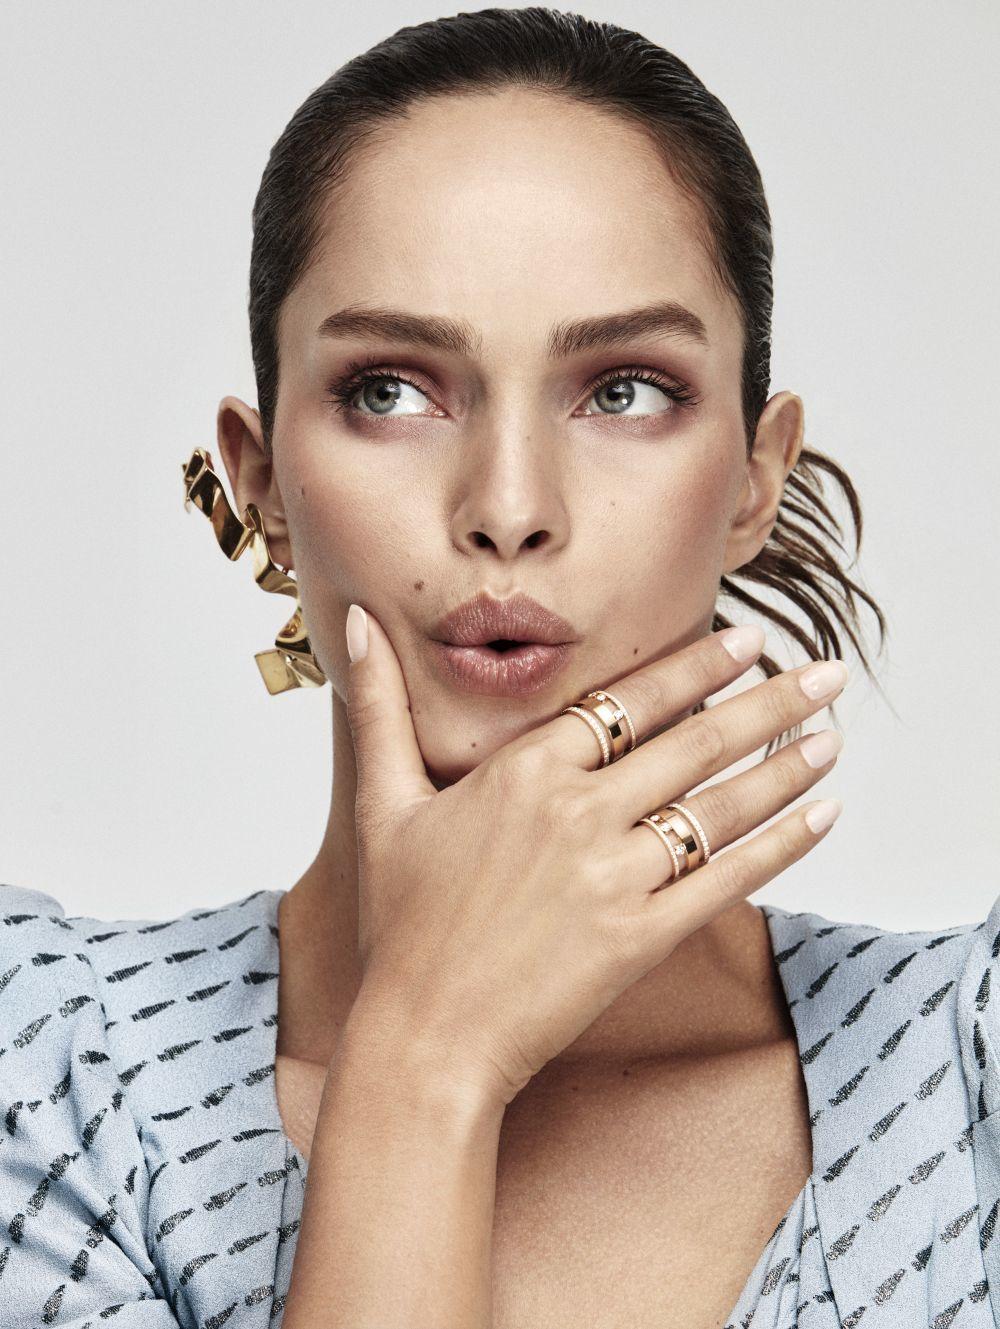 Las uñas mate son la tendencia de la temporada otoñal que viene.